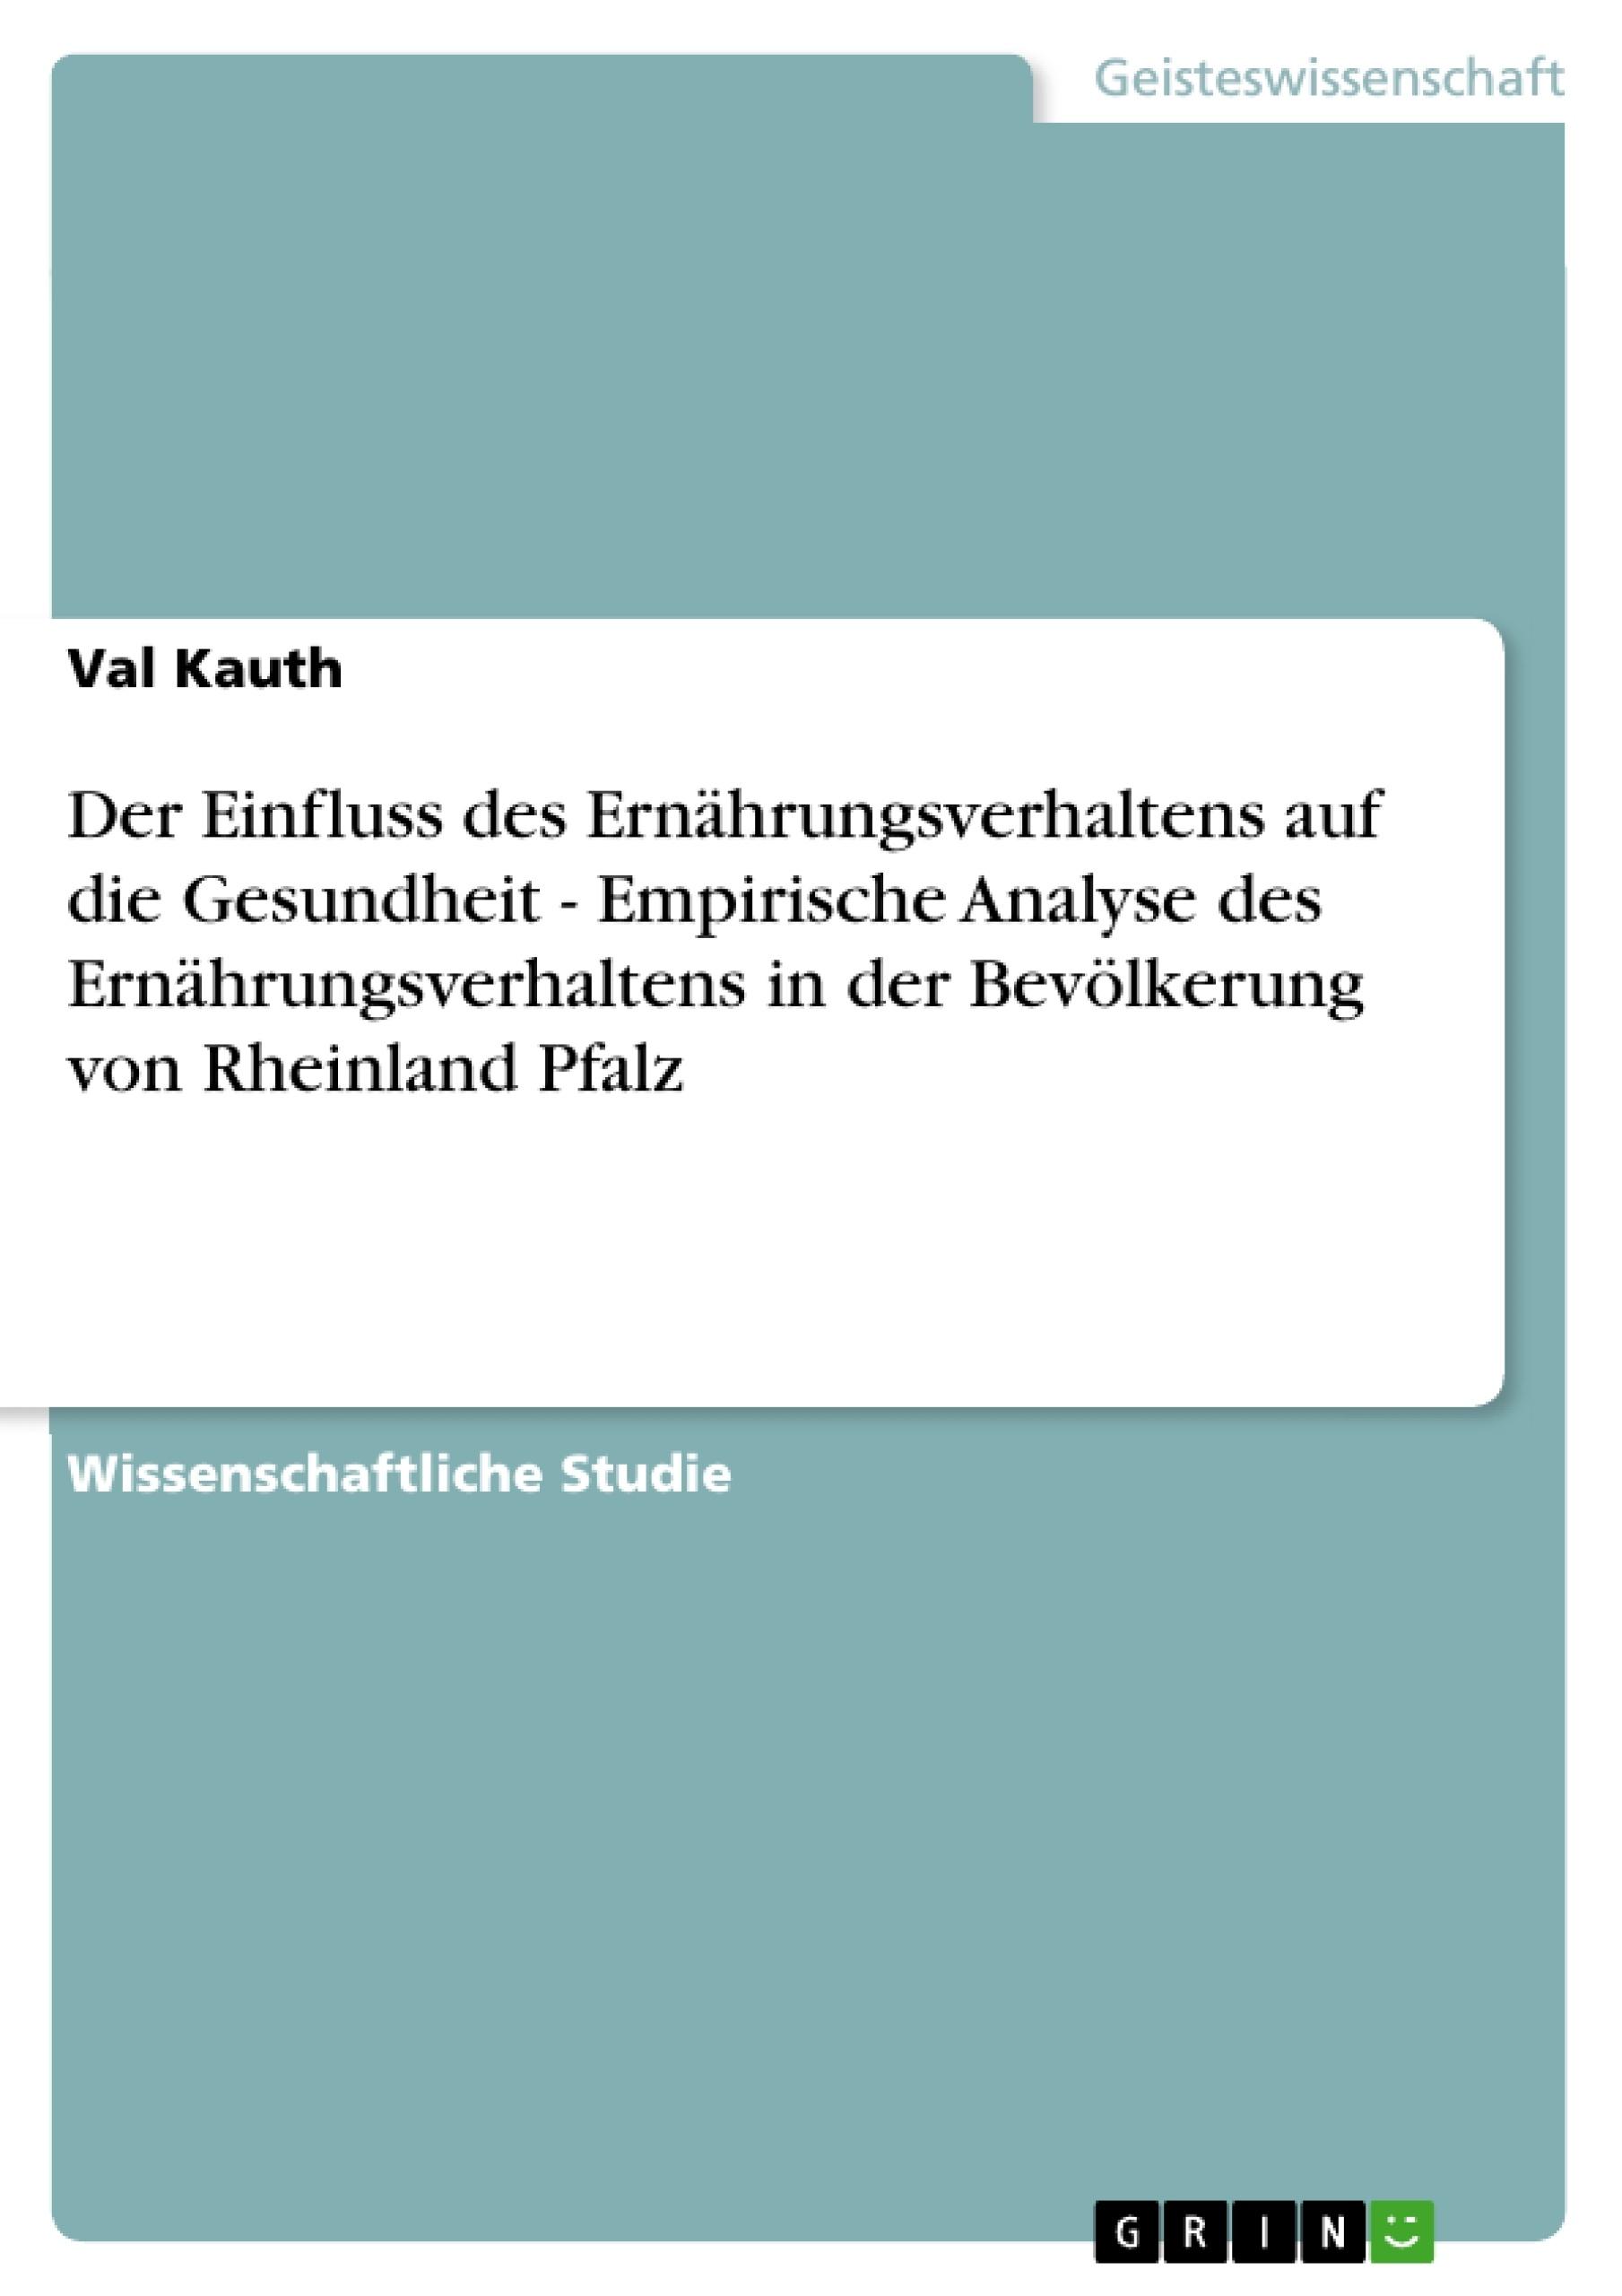 Titel: Der Einfluss des Ernährungsverhaltens auf die Gesundheit - Empirische Analyse des Ernährungsverhaltens in der Bevölkerung von Rheinland Pfalz